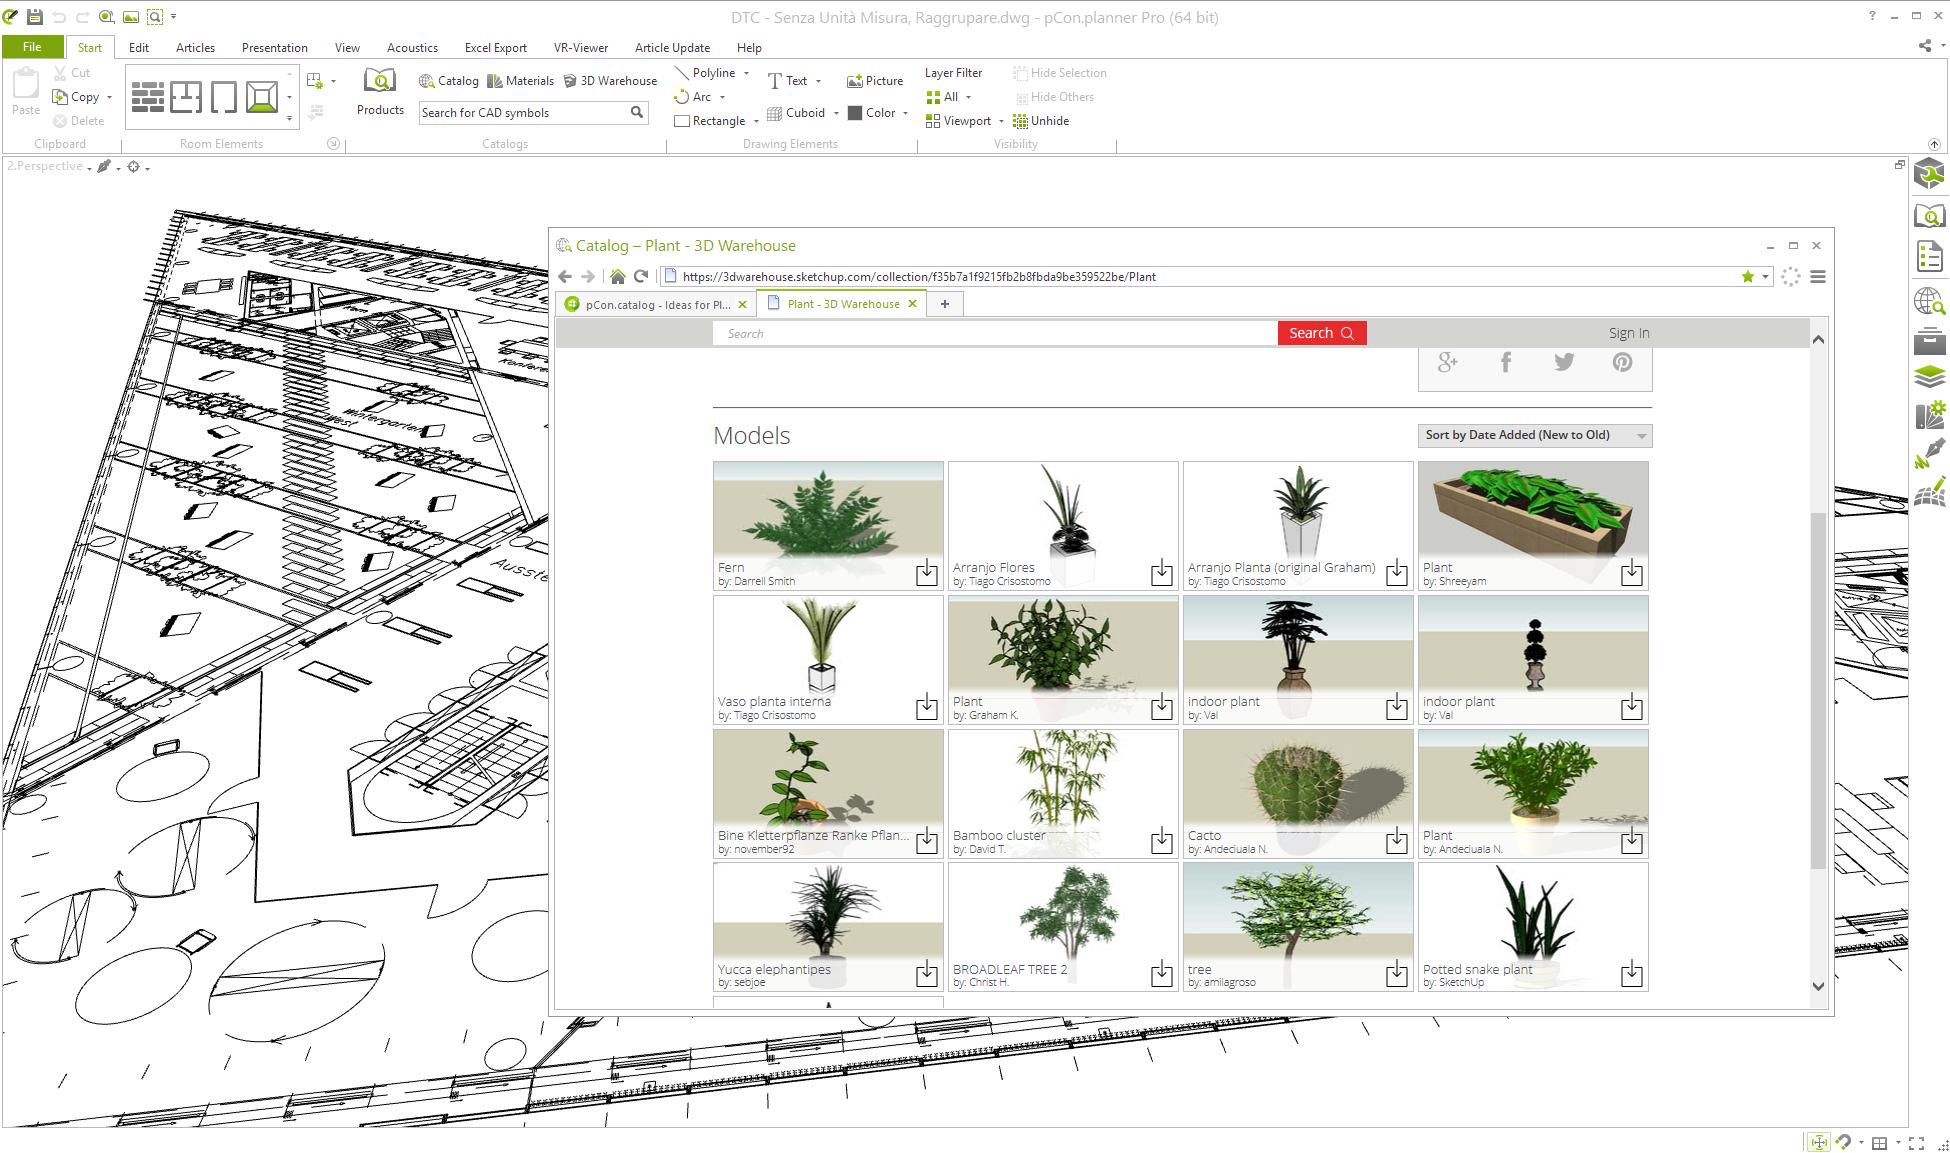 3d warehouse | 3d raumplaner - inneneinrichtung - design software – dwg